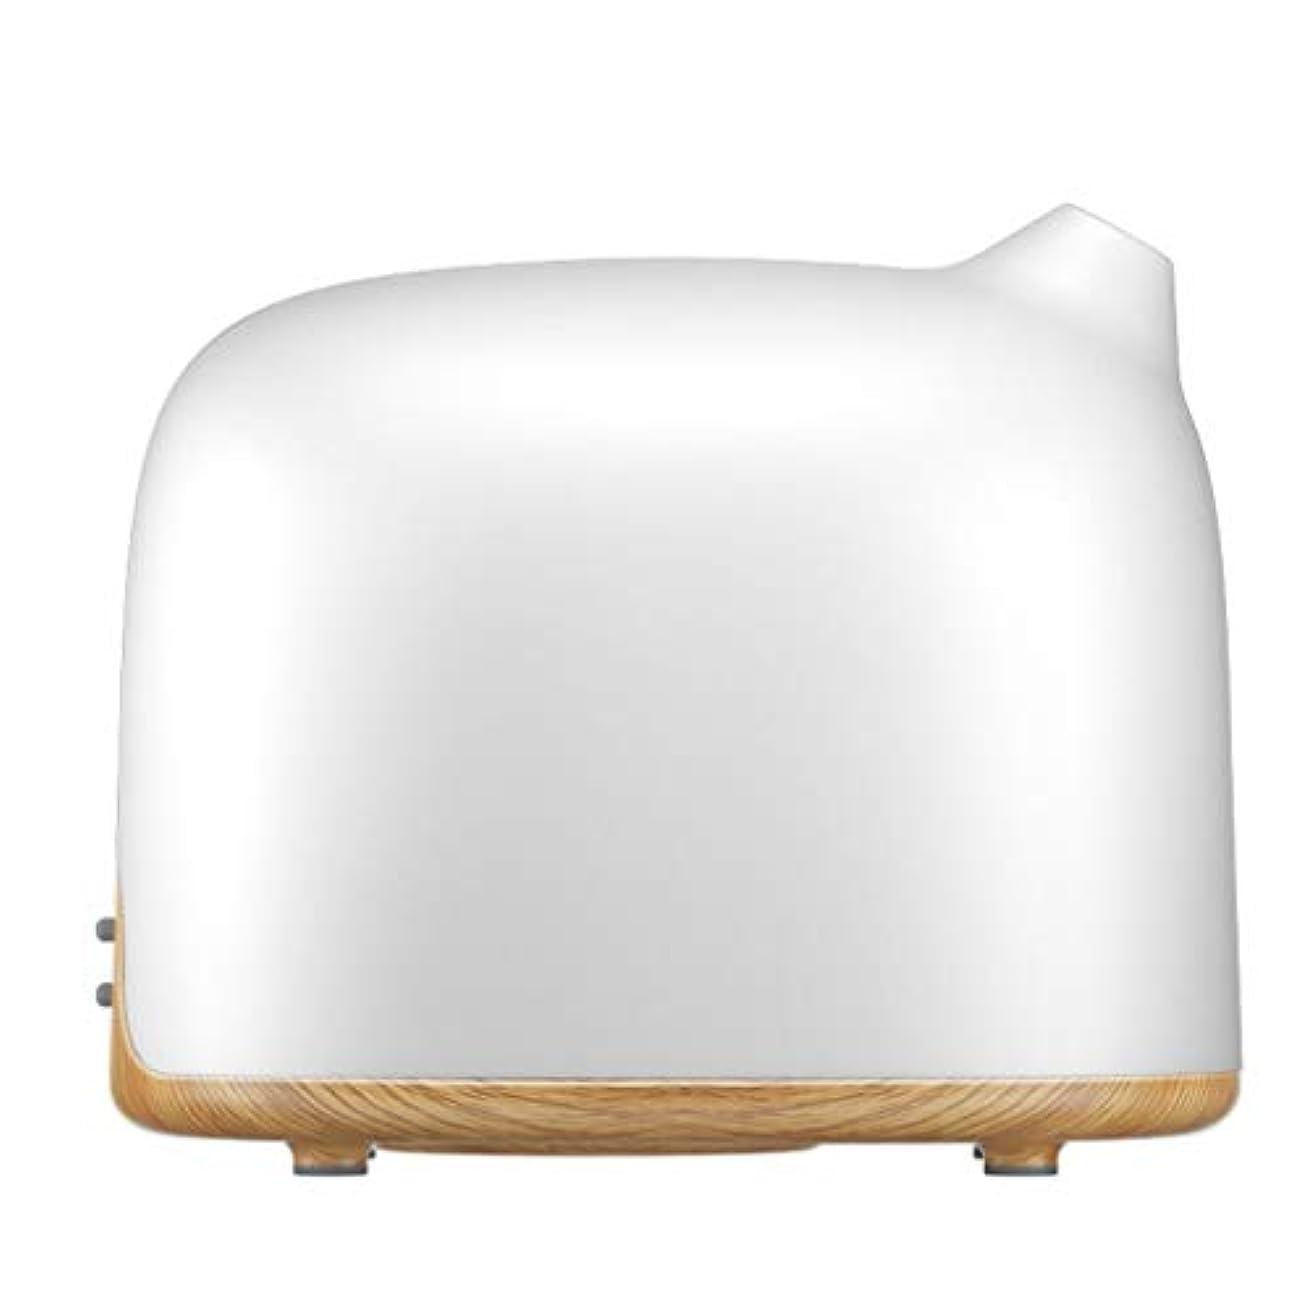 凝縮する効率的グローブ空気加湿器ホームサイレント寝室妊娠中の女性ベビーエアフォグ大容量ディフューザー (Color : Natural)